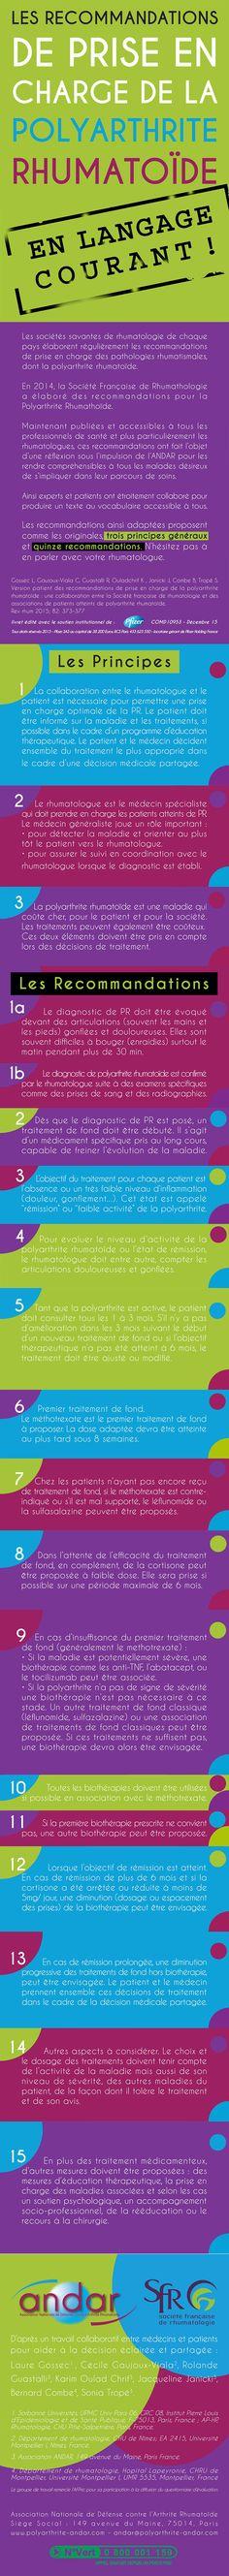 Les recommandations de prise en charge de la polyarthrite rhumatoïde en langage courant !